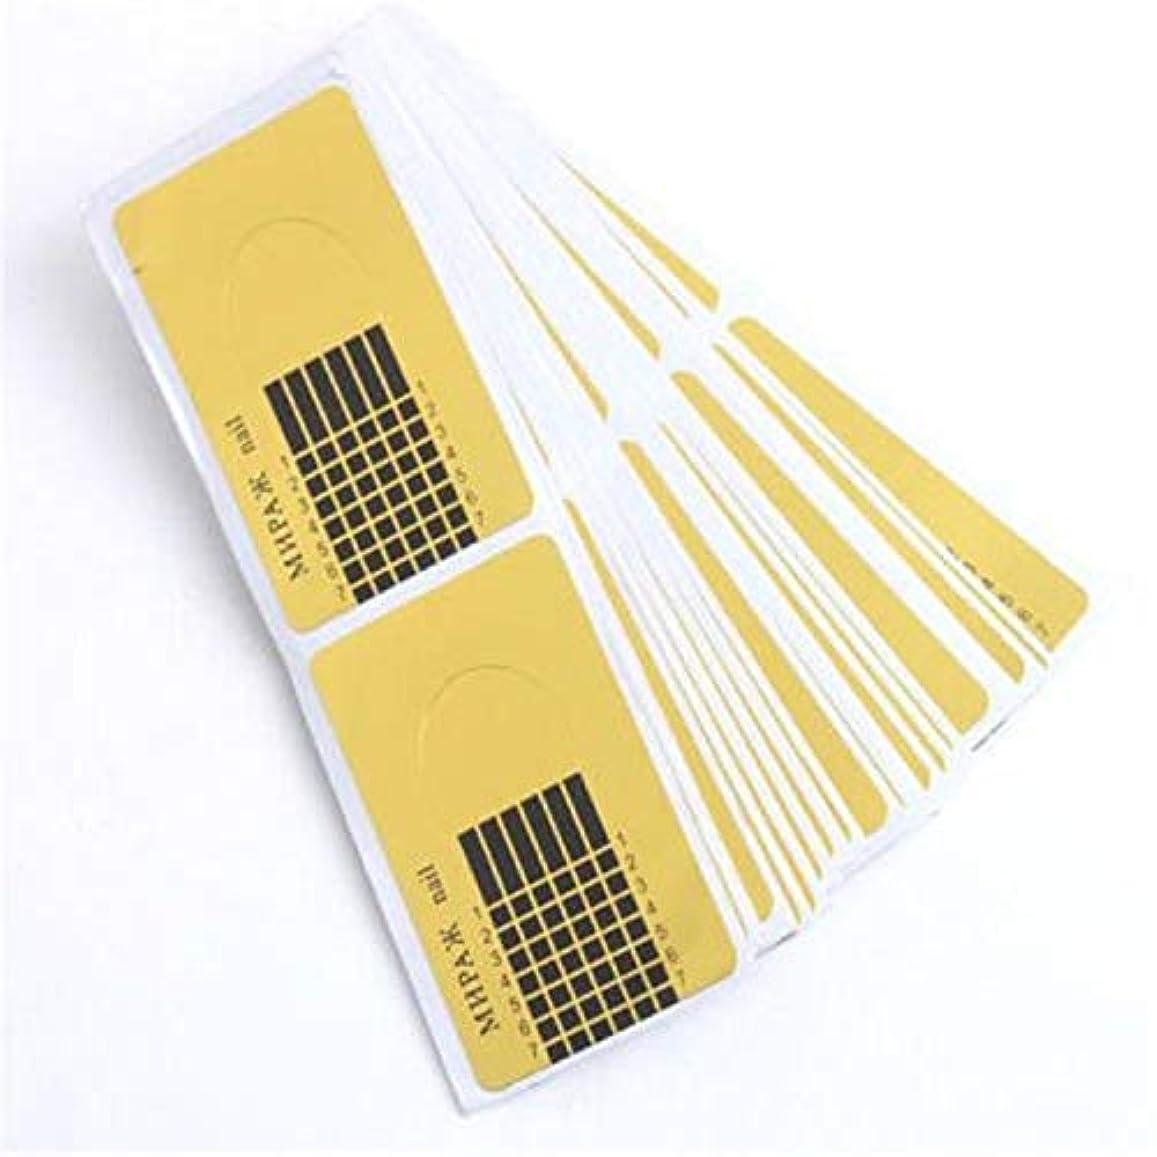 閉塞市区町村ディプロマQuzama-JS 先進デザイン100個新しいコンセプトゴールド昆虫タイプ指トリートメント爪サポートクリスタル特殊ホルダー(None golden)